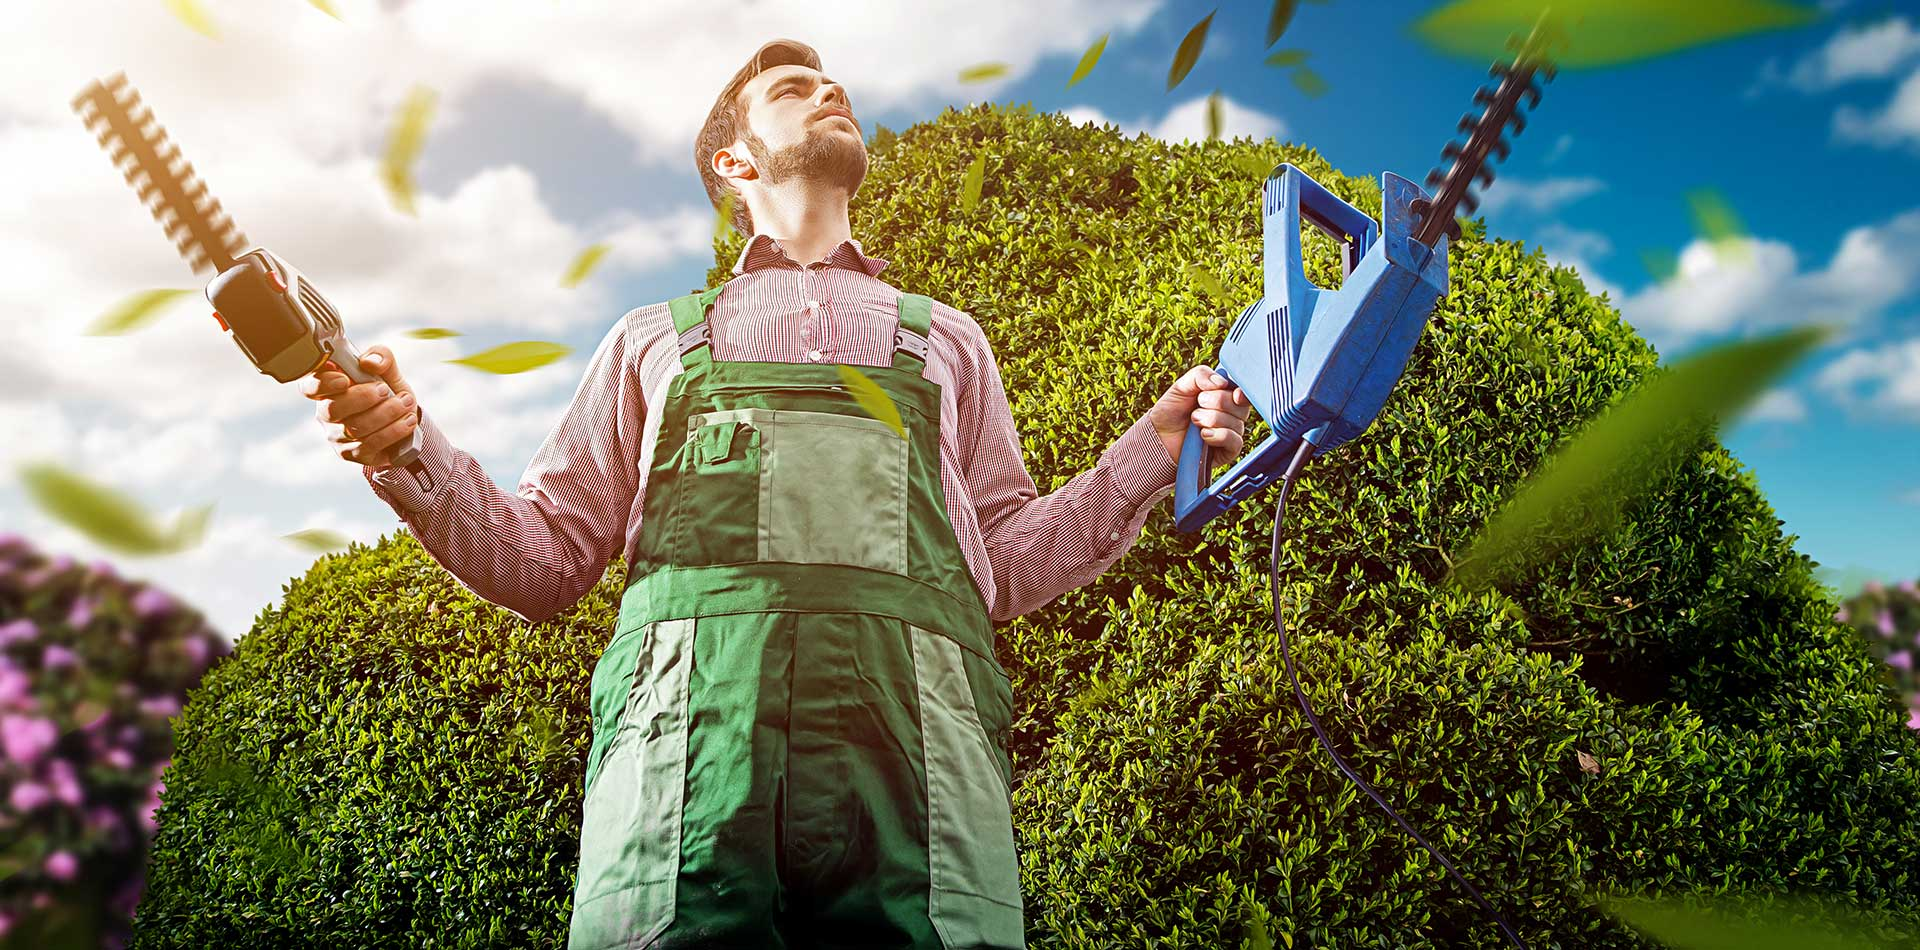 manutenzione-aree-verdi-giardini-parchi-reggio-emilia-nuova-era-servizi_2